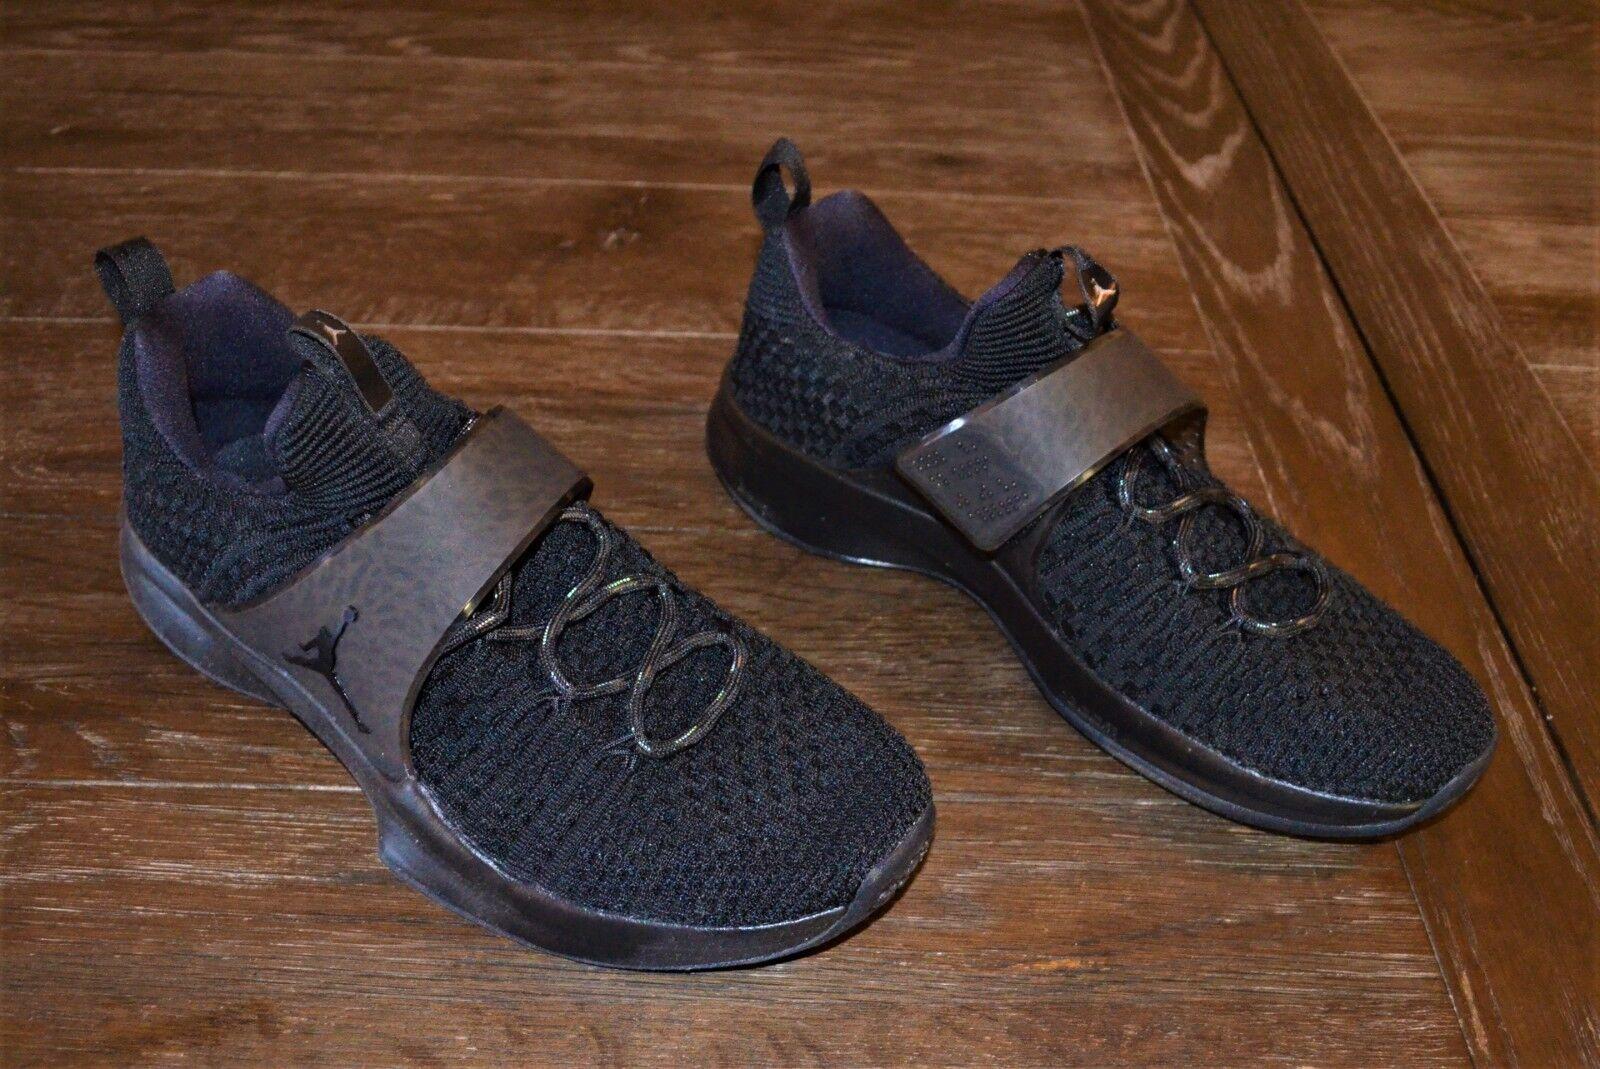 Nuevo JORDAN TRAINER 2 FLYKNIT para hombres zapatos talla 11 negras de capacitación para entrenamiento